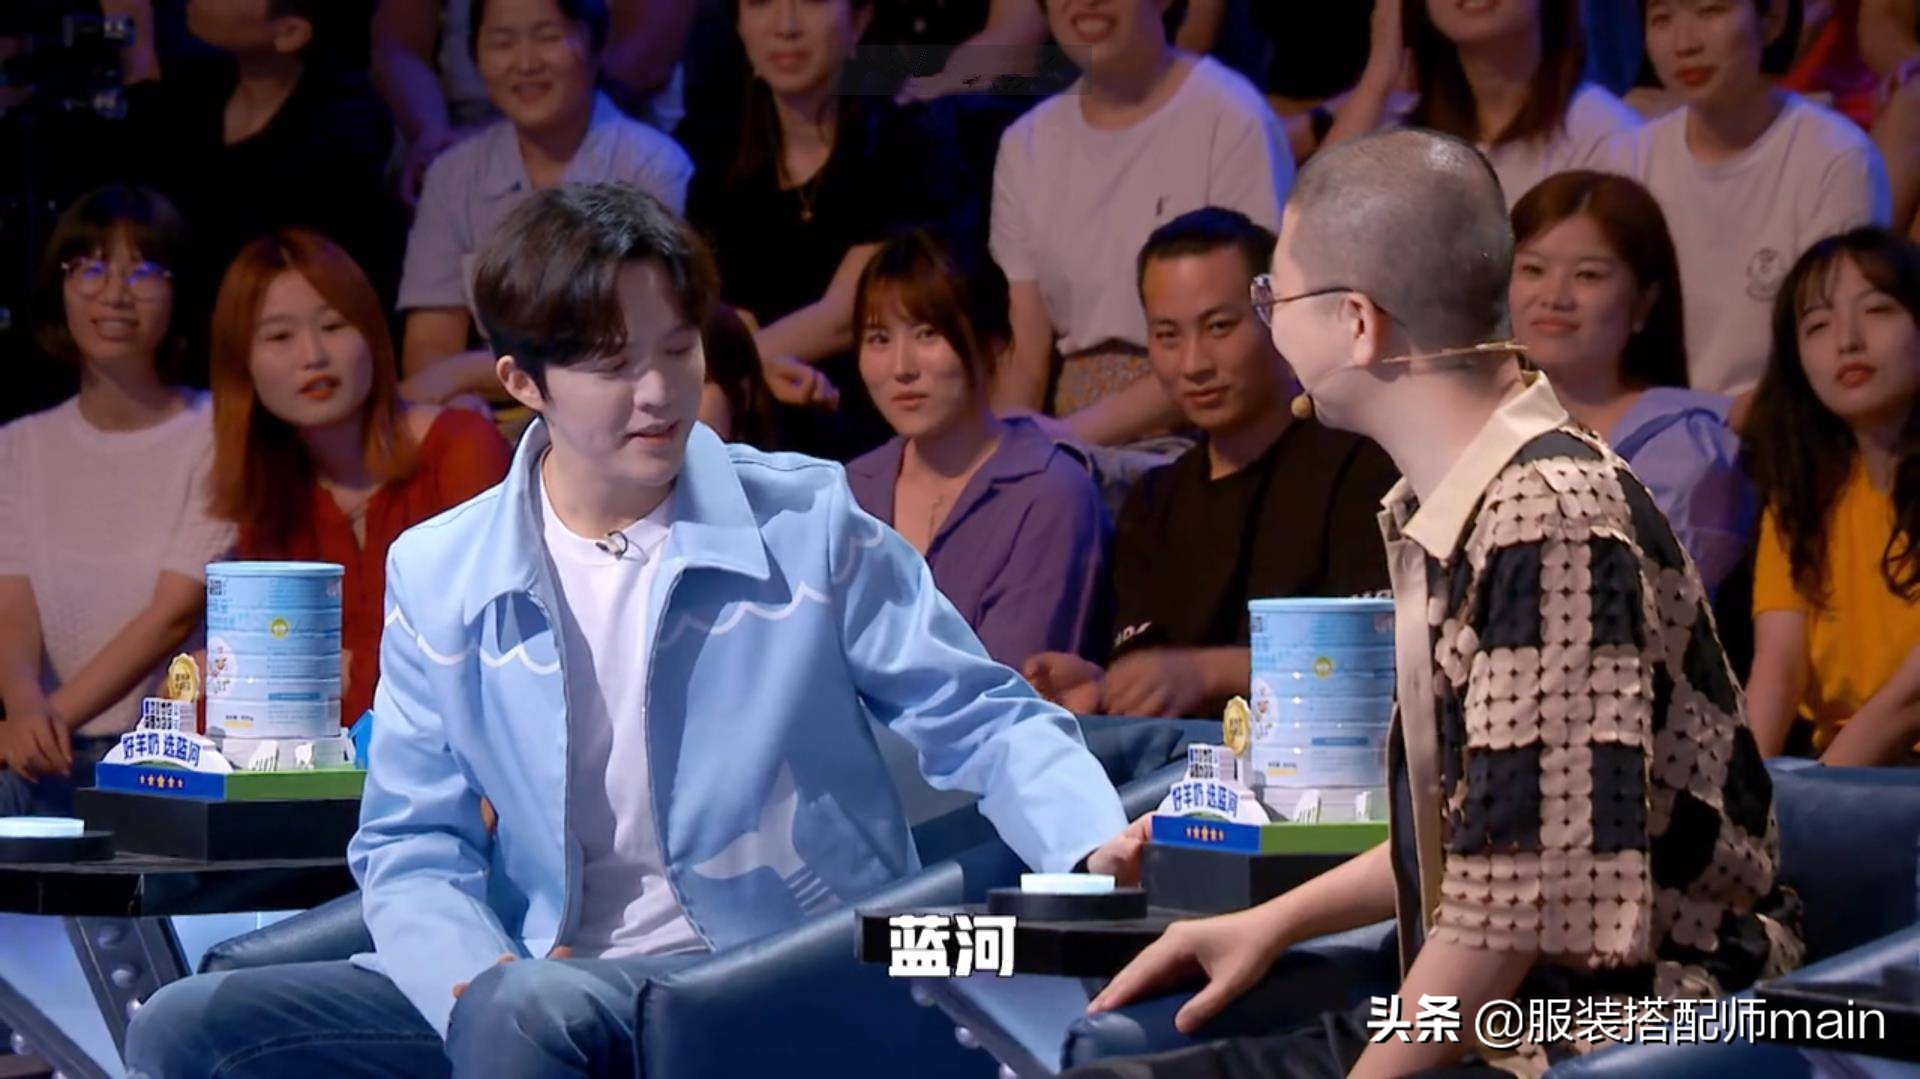 李云迪厉害!蓝外套配牛仔裤帅气十足,被钢琴演奏耽误的时尚达人